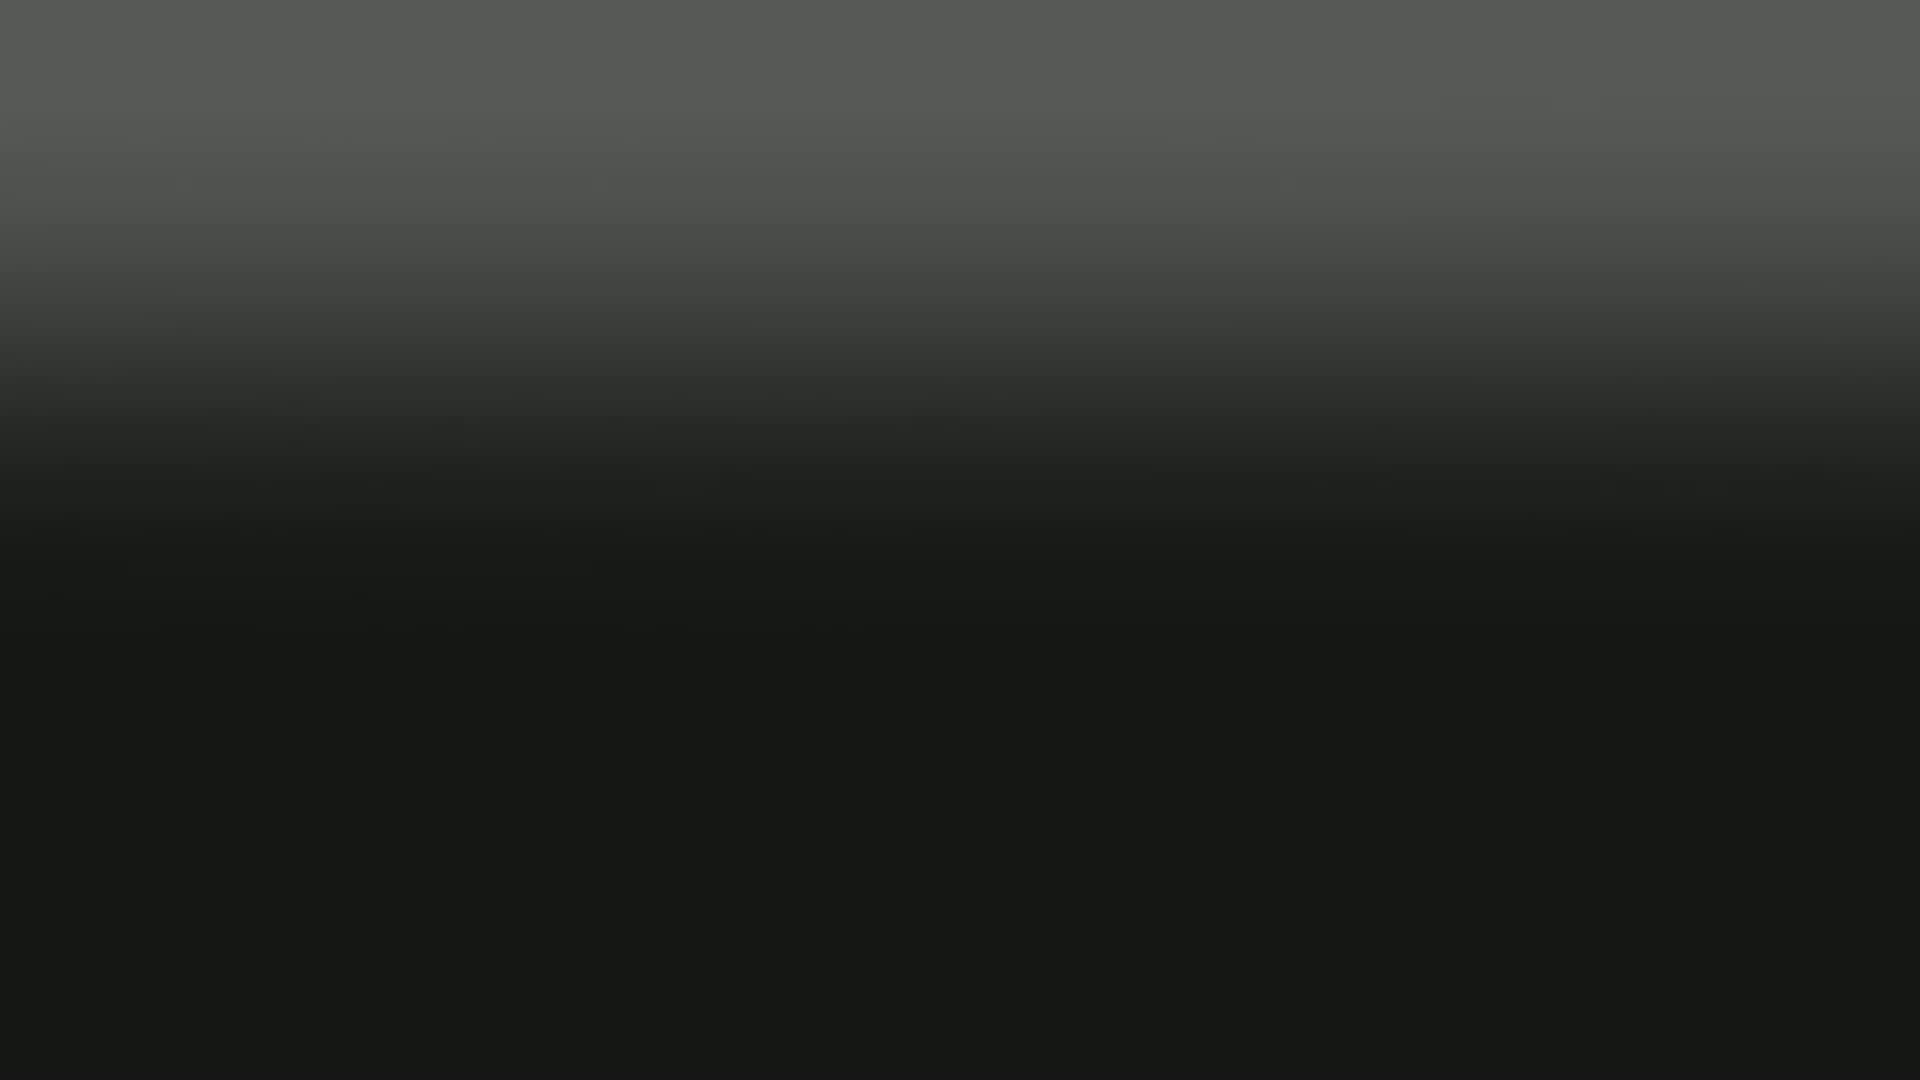 パツキンチャンネルZ Vol.7~インポ治療は金髪ナースにおまかせ~ - スウィート【フェラ クンニ 手マン 中出し 正常位 立ちバック】